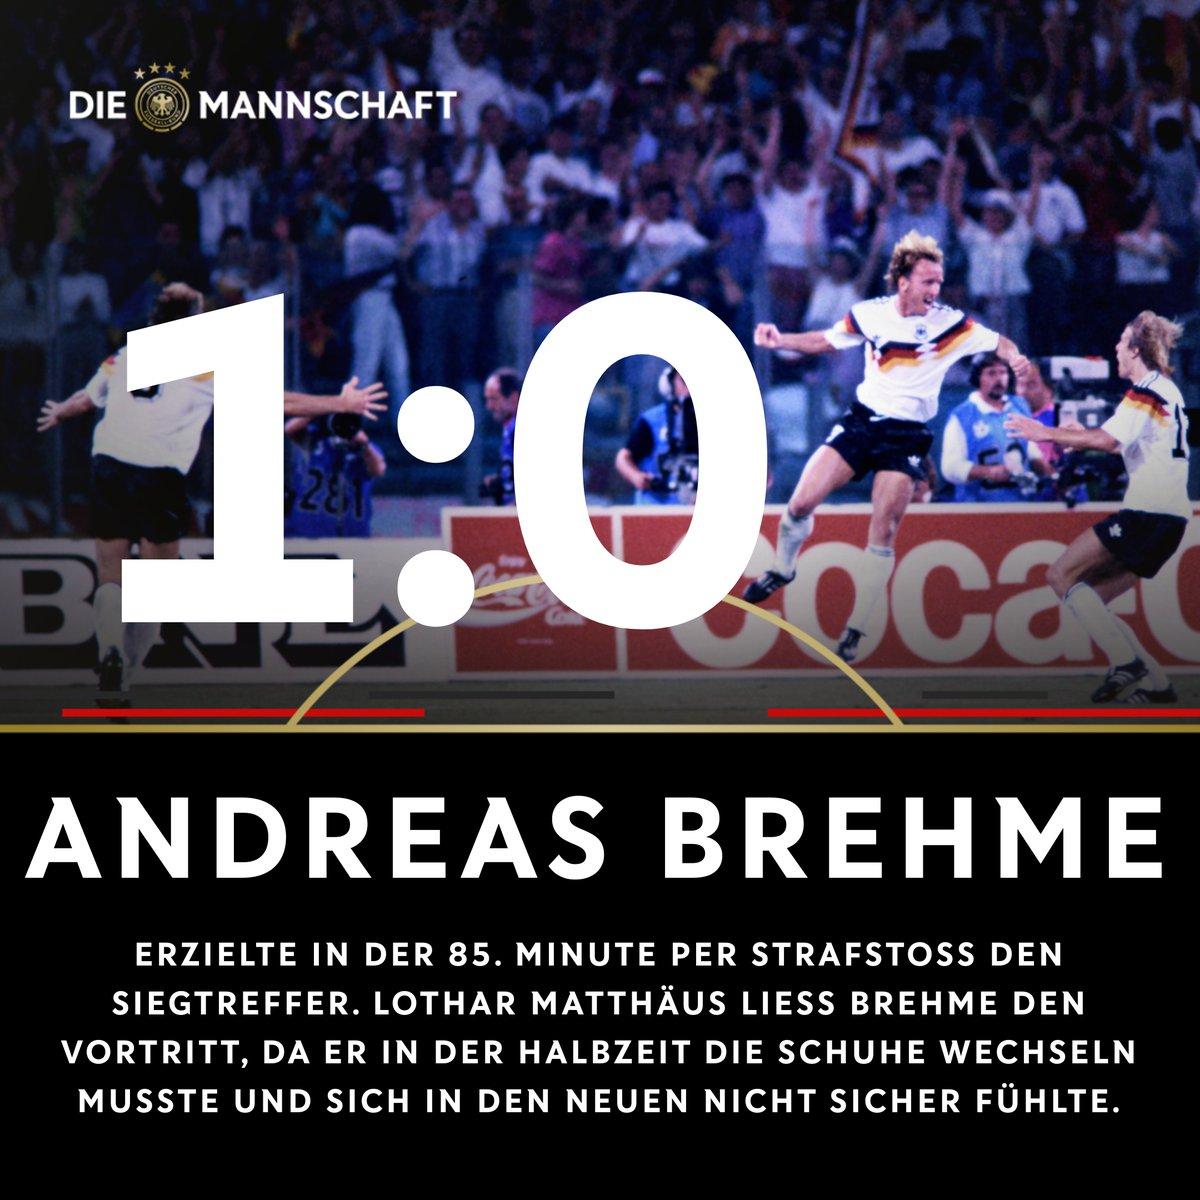 Na, welches Spiel bestritt das DFB-Team heute vor 3️⃣0️⃣ Jahren?! 🤩  #Throwback #30Jahre⭐⭐⭐ https://t.co/XEhL5JJjA2